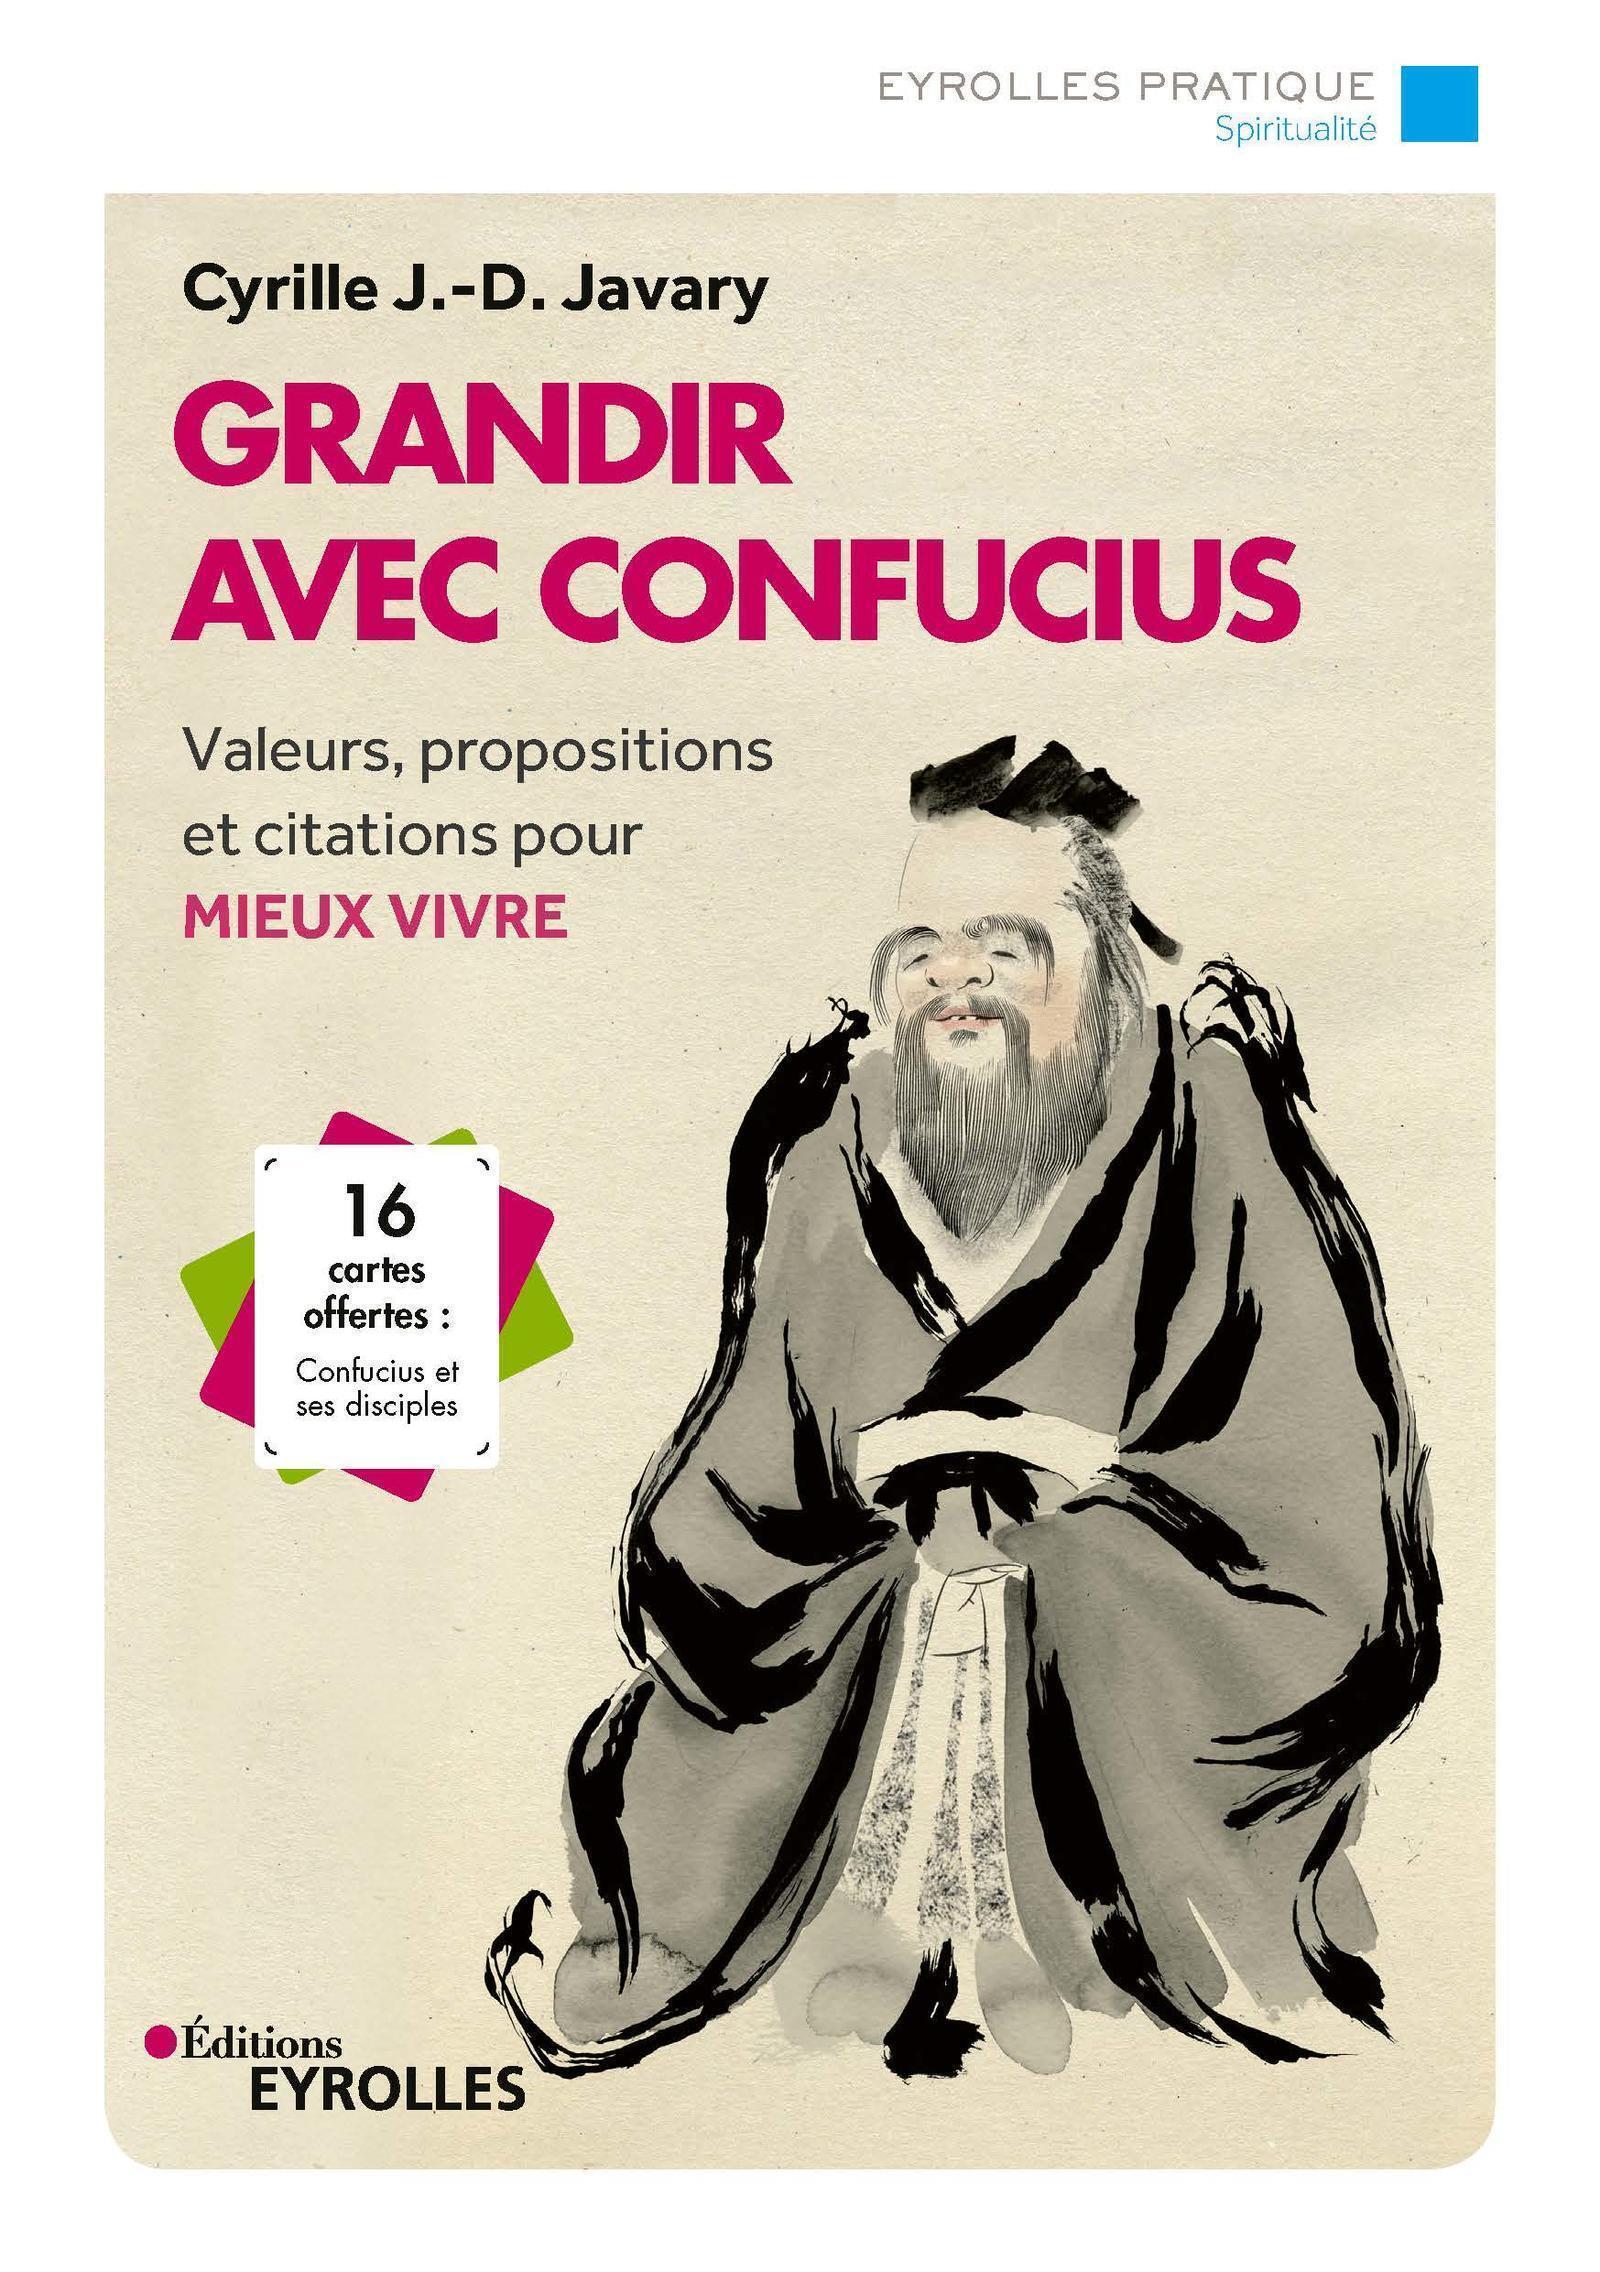 GRANDIR AVEC CONFUCIUS - VALEURS PROPOSITIONS ET CITATIONS POUR MIEUX VIVRE  16 CARTE OFFERTES  CONF